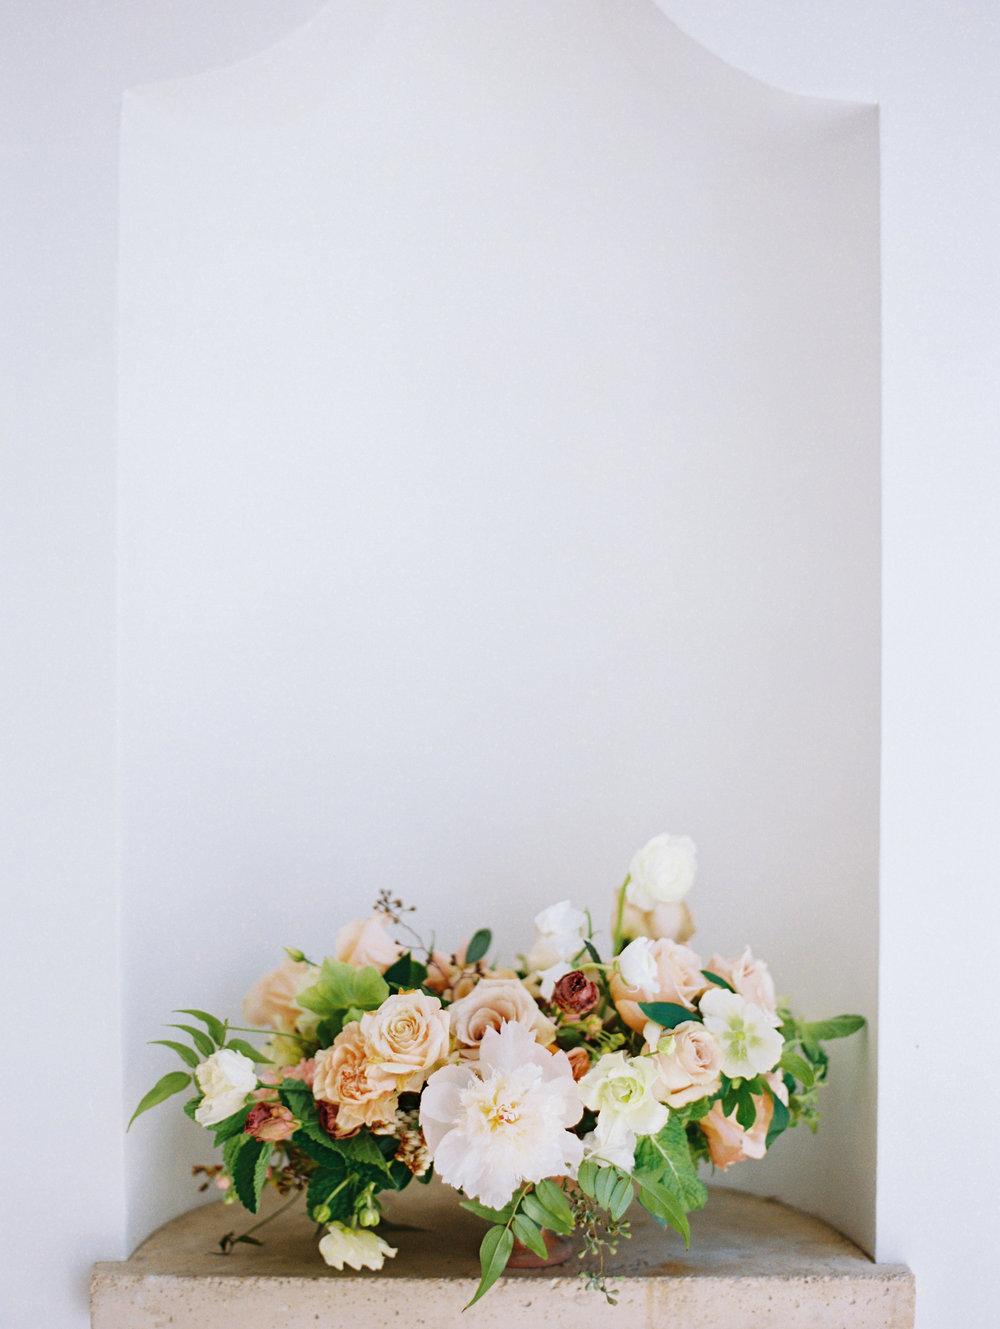 jessica-zimmerman-events-lauren-kinsey-floral-arrangement.jpg